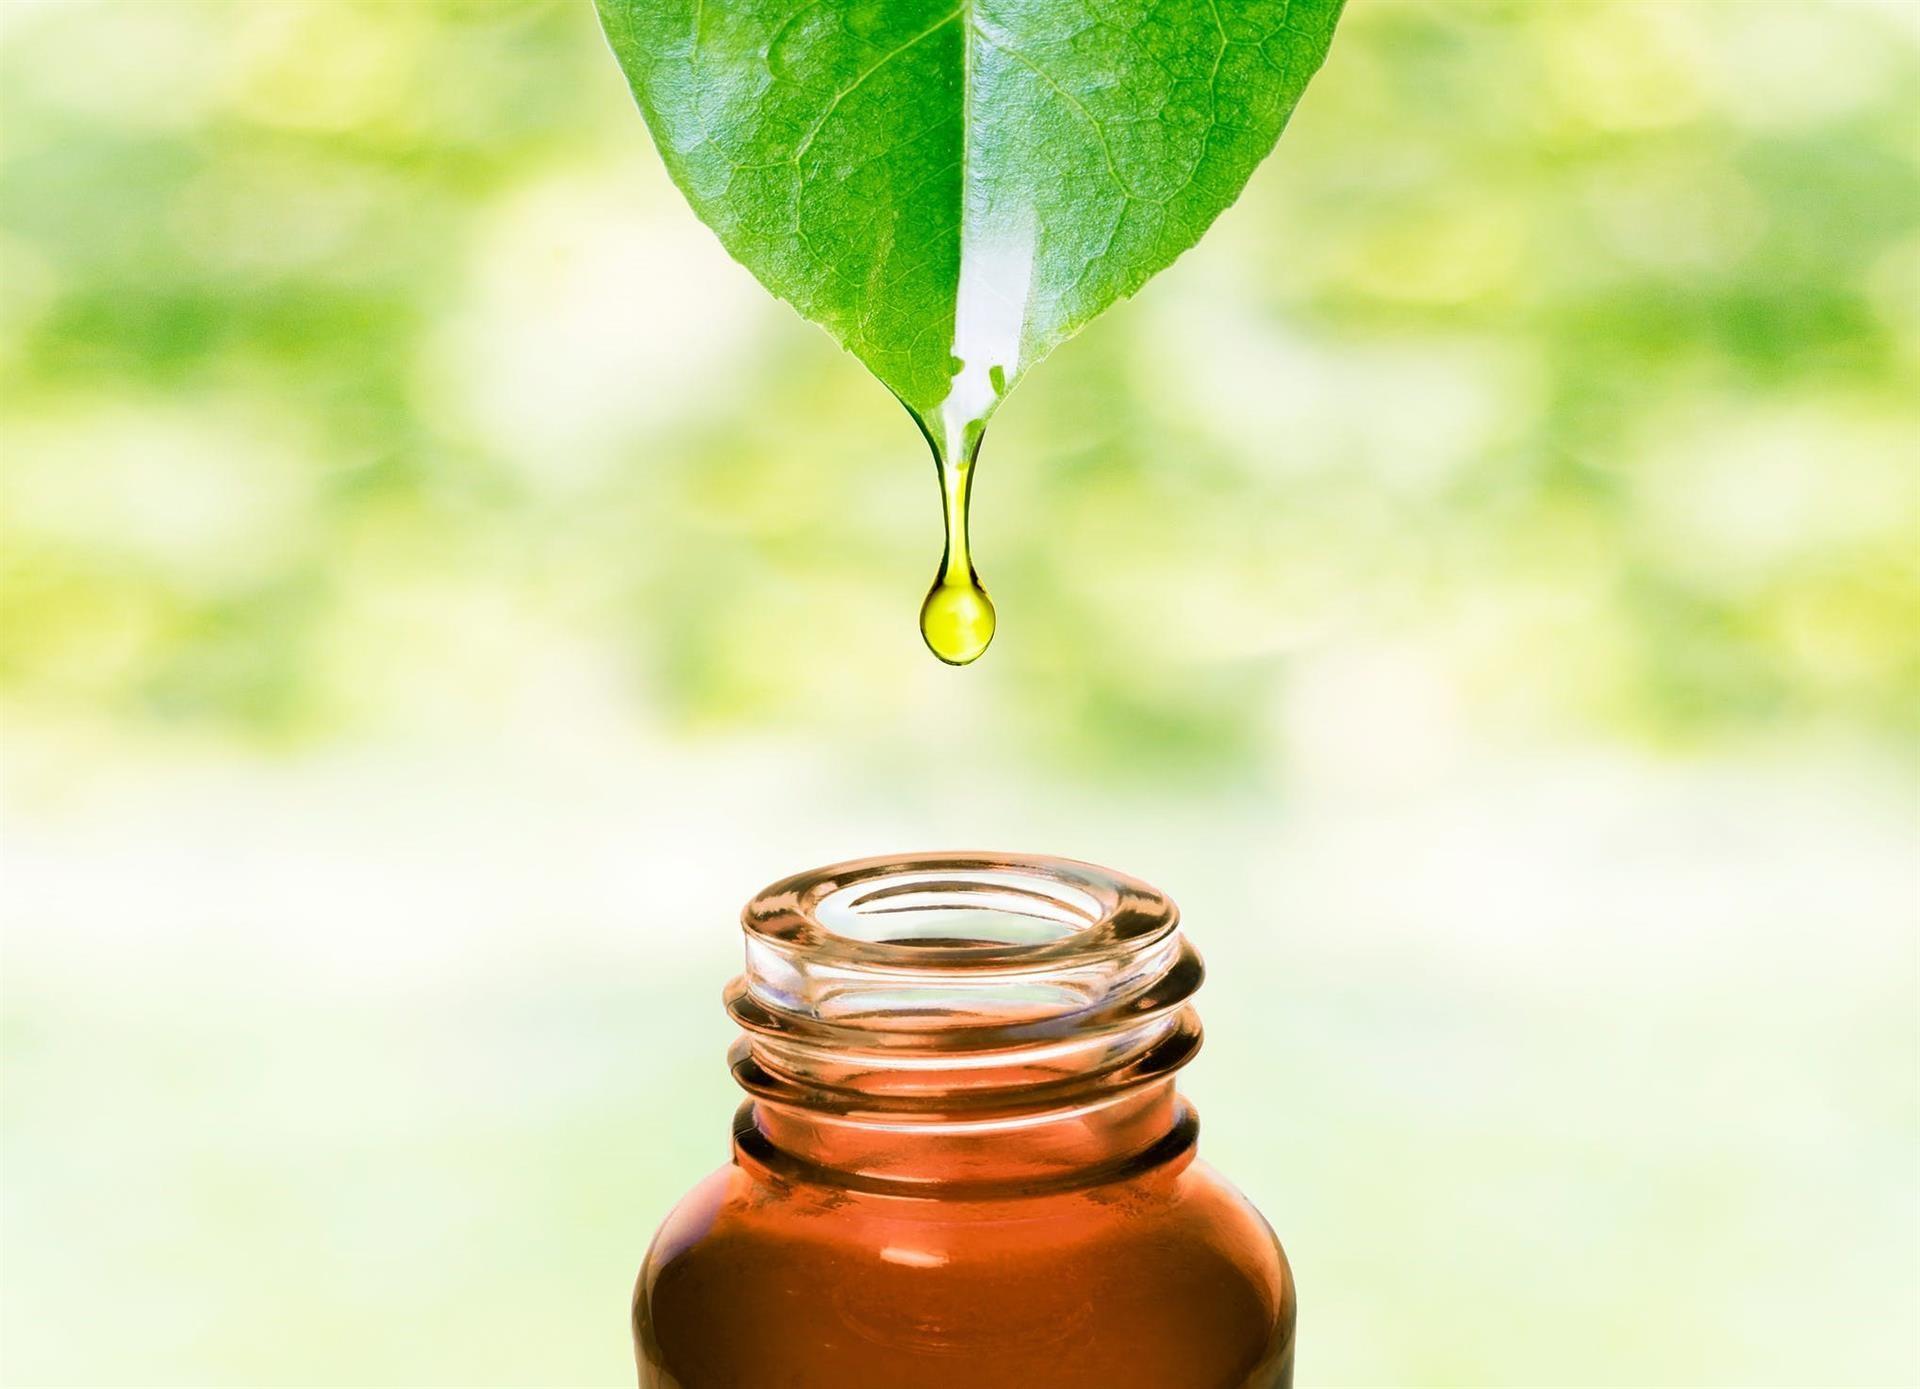 Ätherische Öle: wertvolle Formulierungen mit vielfältigen Anwendungsmöglichkeiten